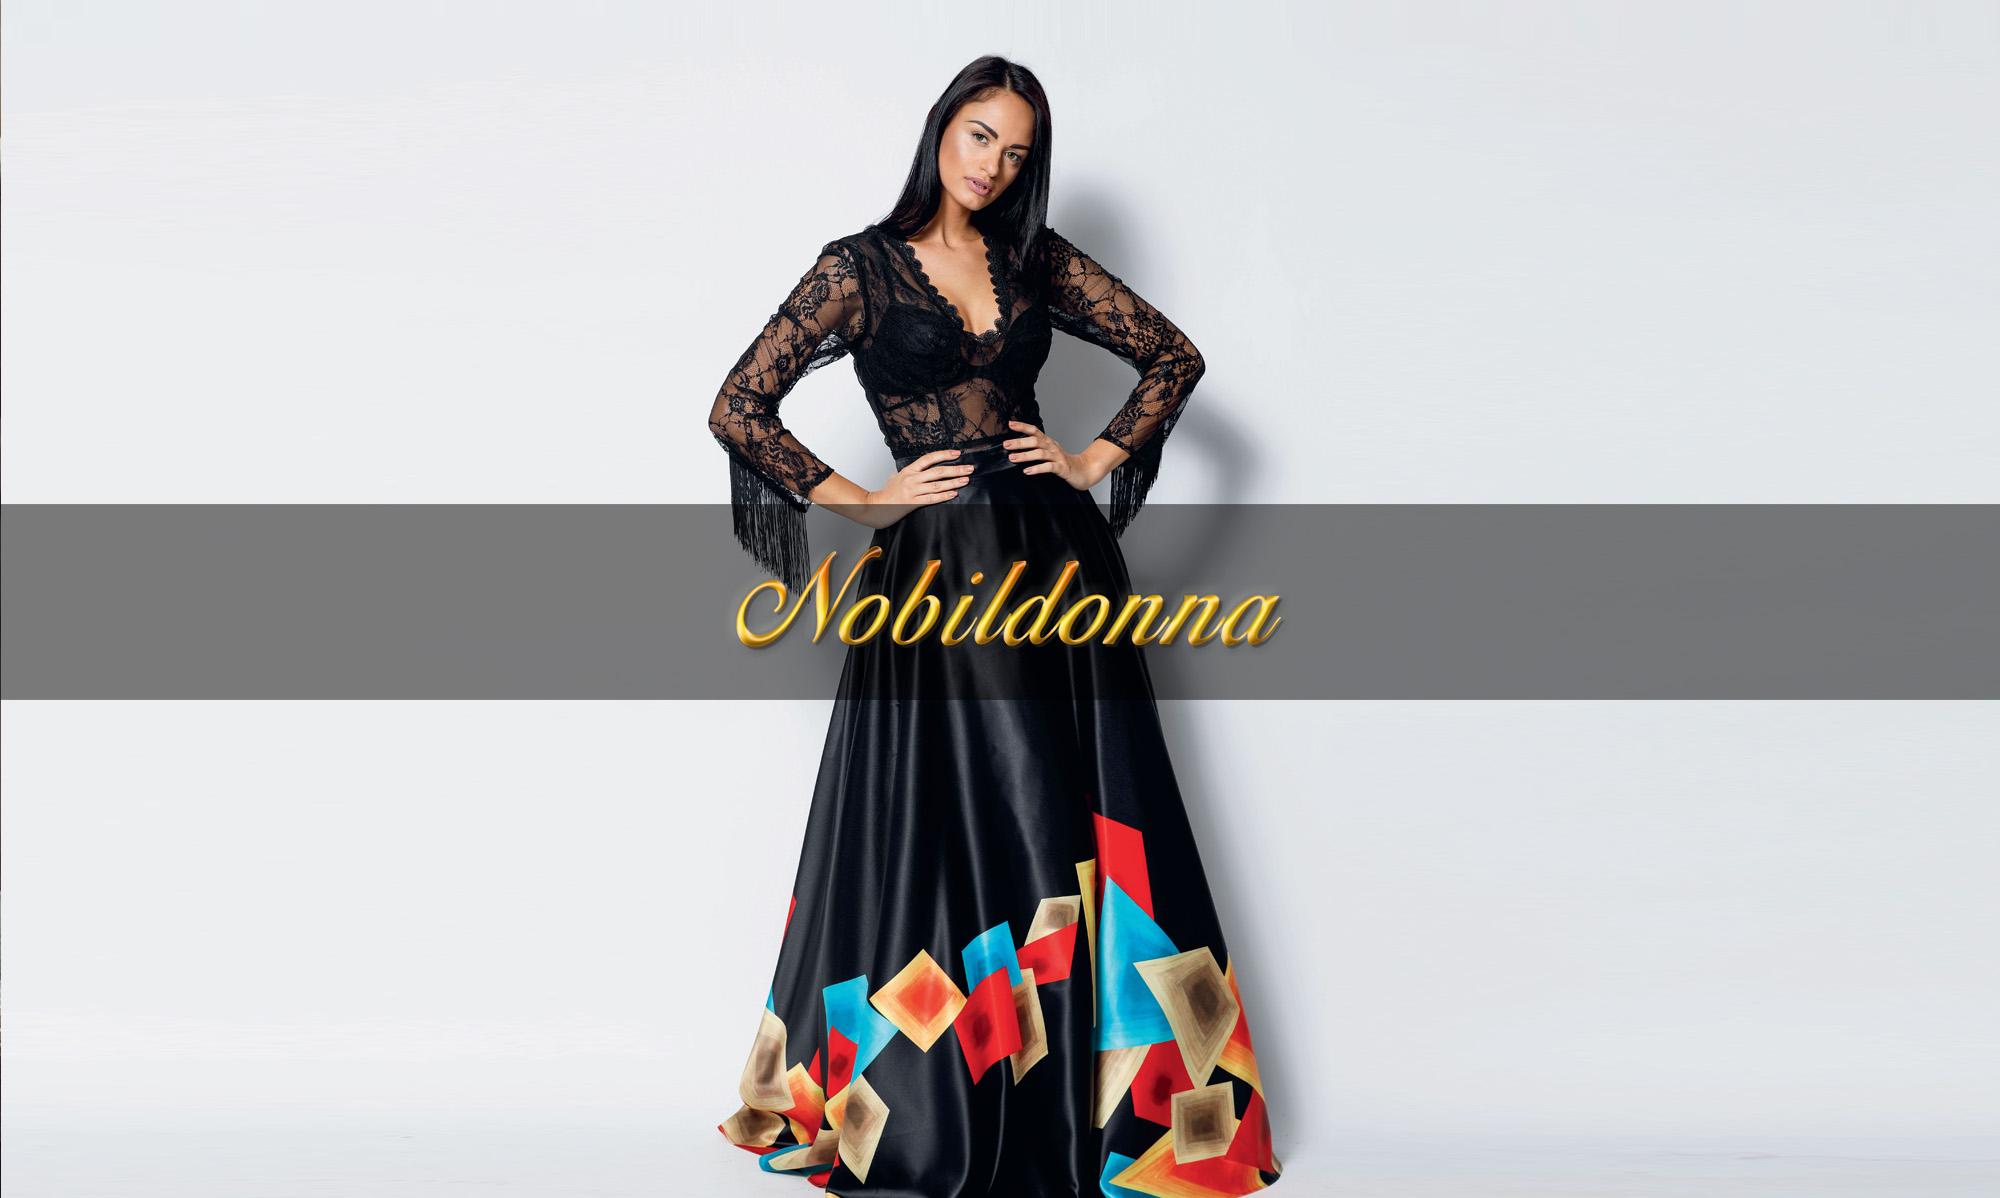 f348444b68c3 Nobildonna - Abiti da cerimonia Napoli - Abbigliamento donna Napoli